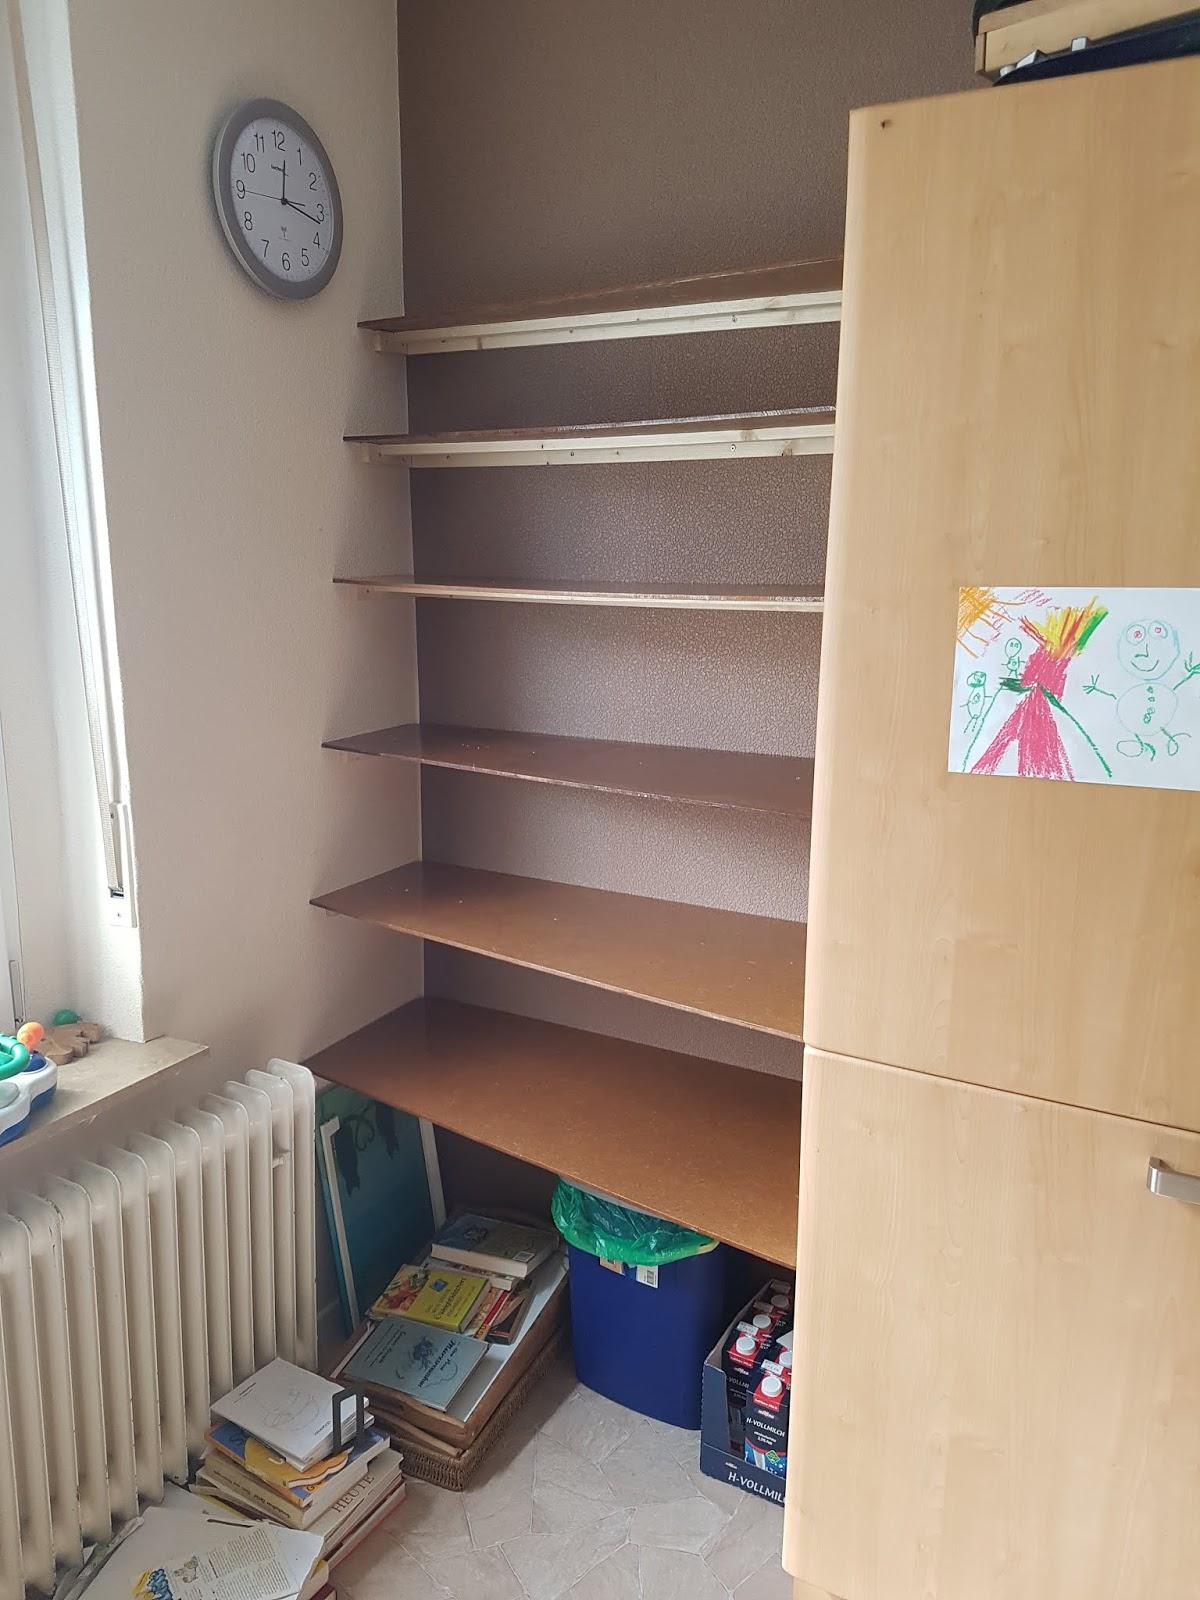 Full Size of Küchenregal Ikea Küche Kosten Kaufen Betten 160x200 Modulküche Sofa Mit Schlaffunktion Miniküche Bei Wohnzimmer Küchenregal Ikea